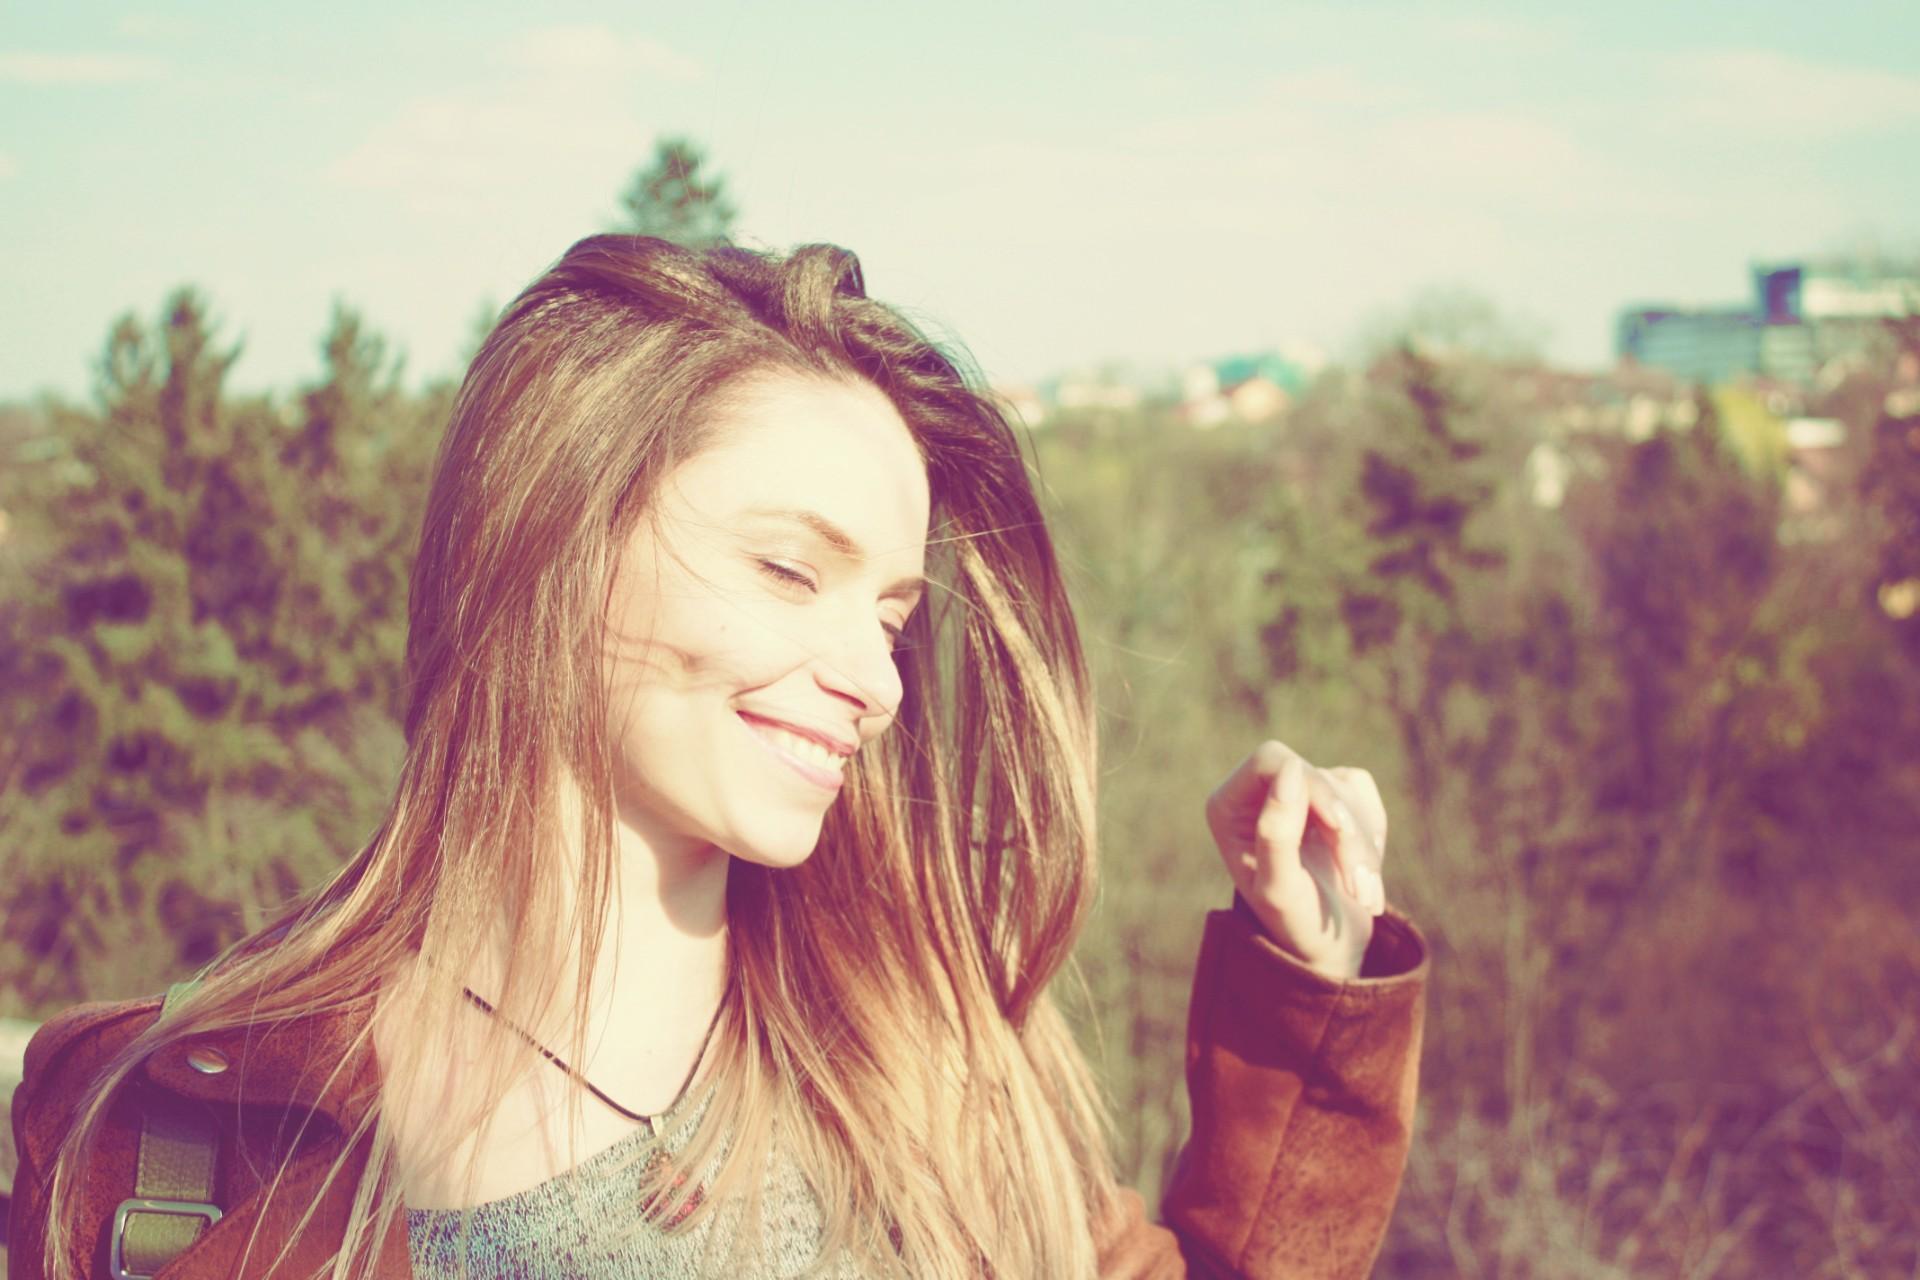 Fata frumoasa bucurandu-se de citate despre fericire